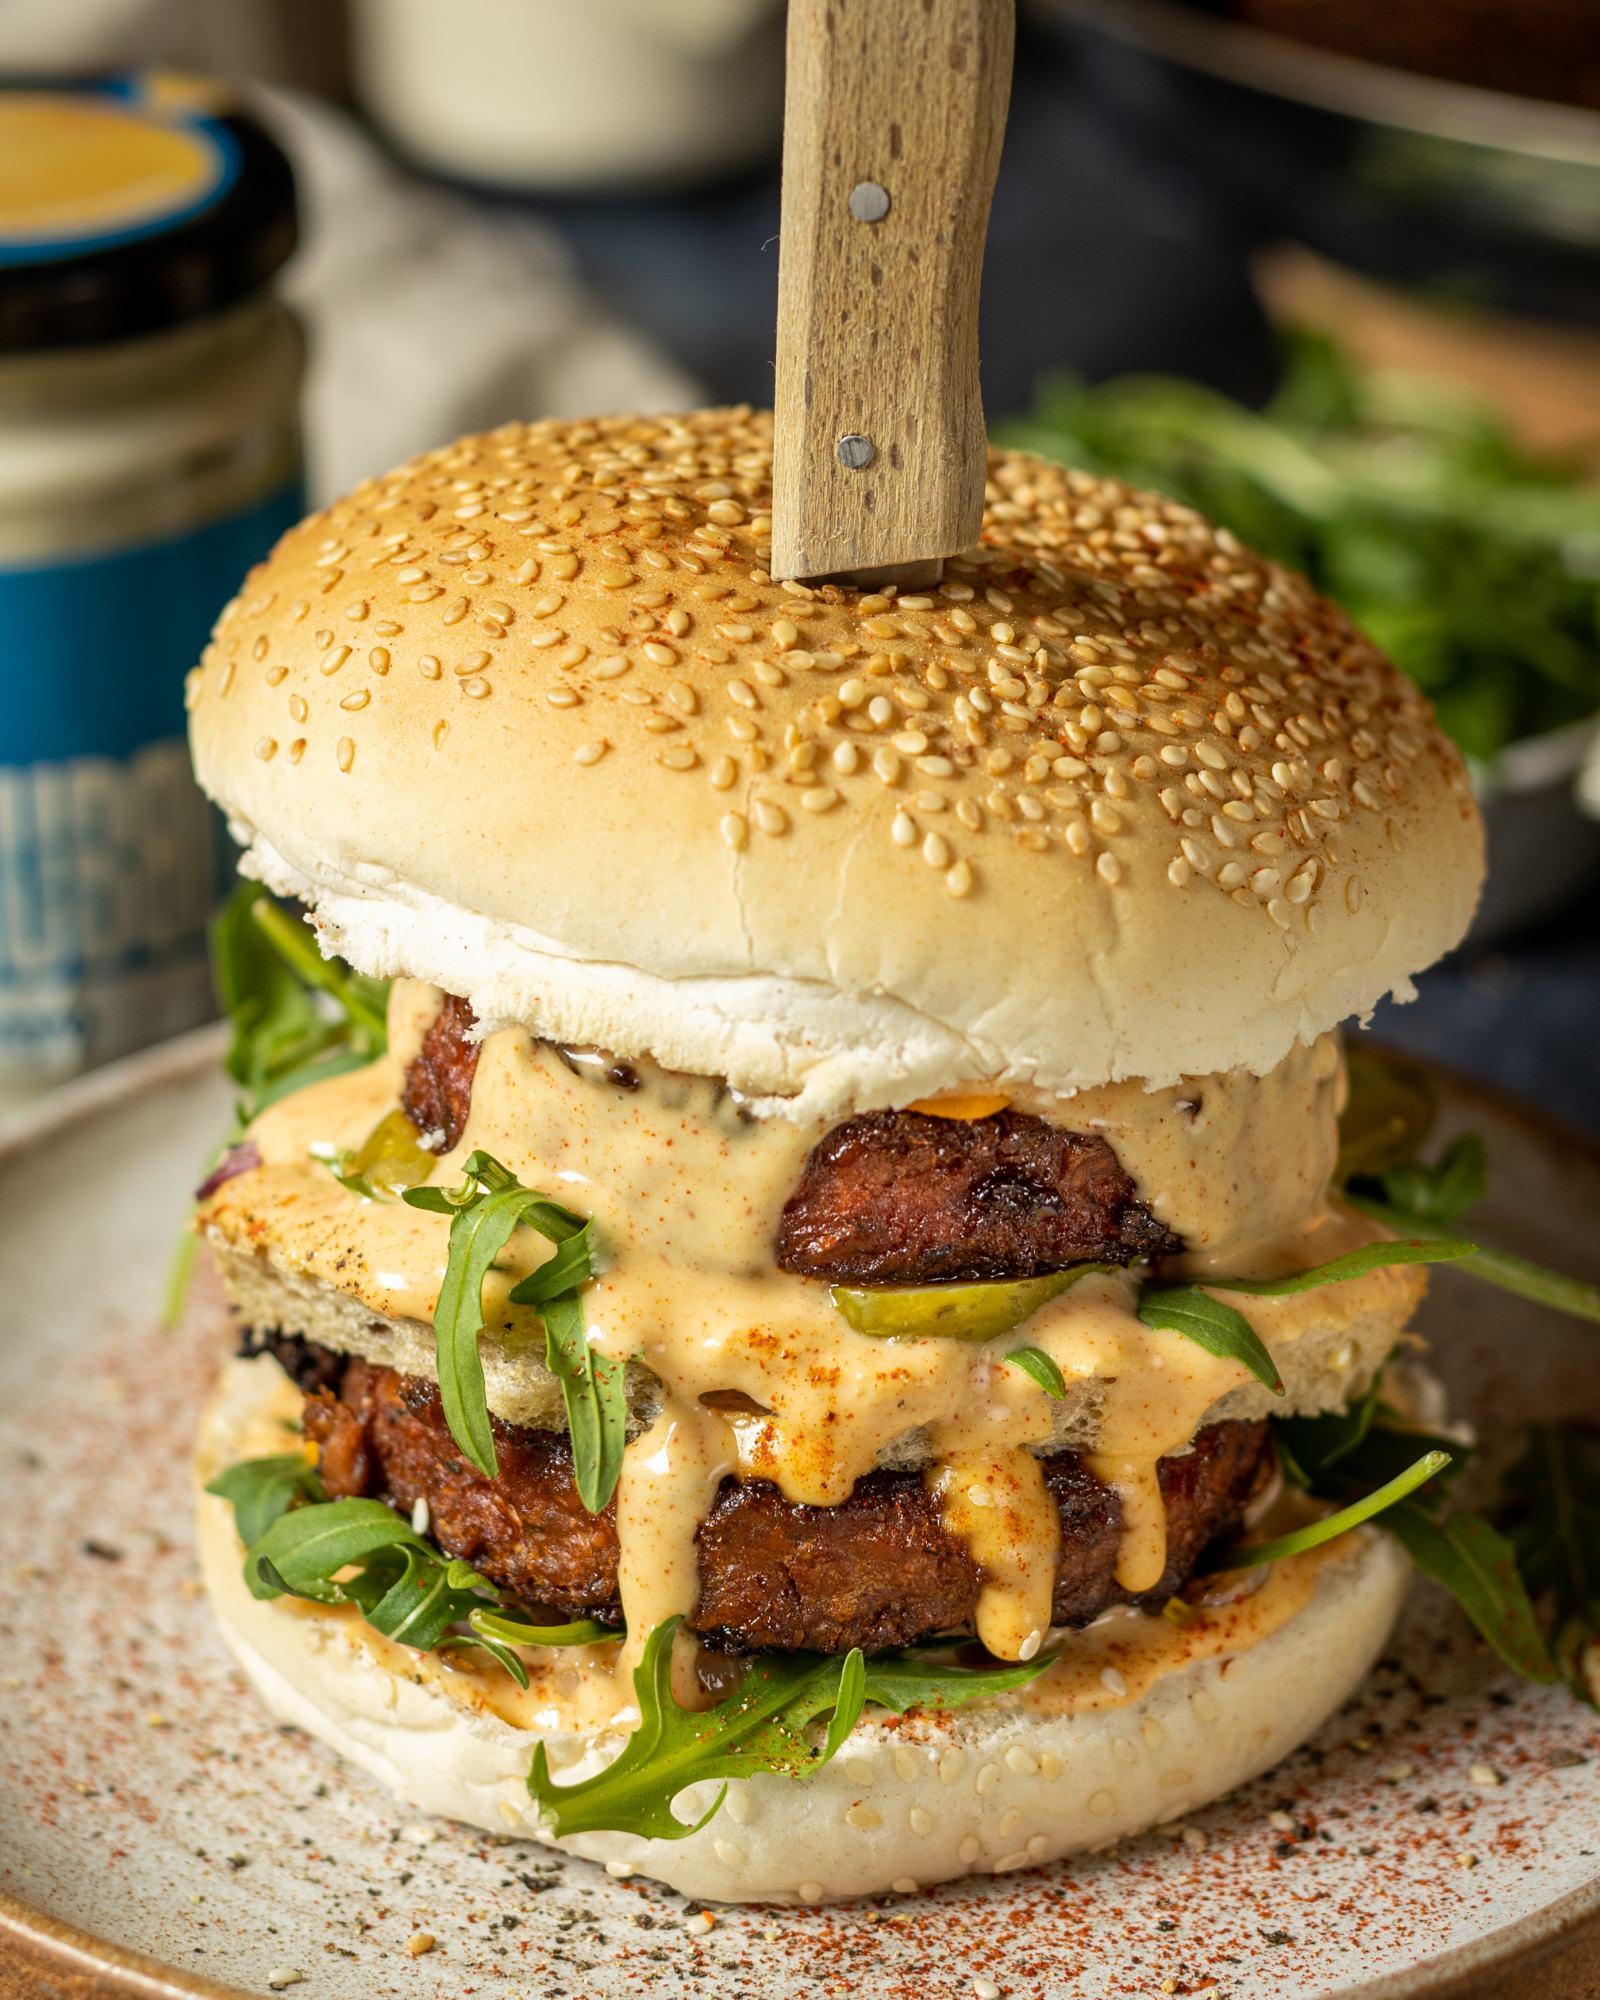 Vegan Big Mac Sauce